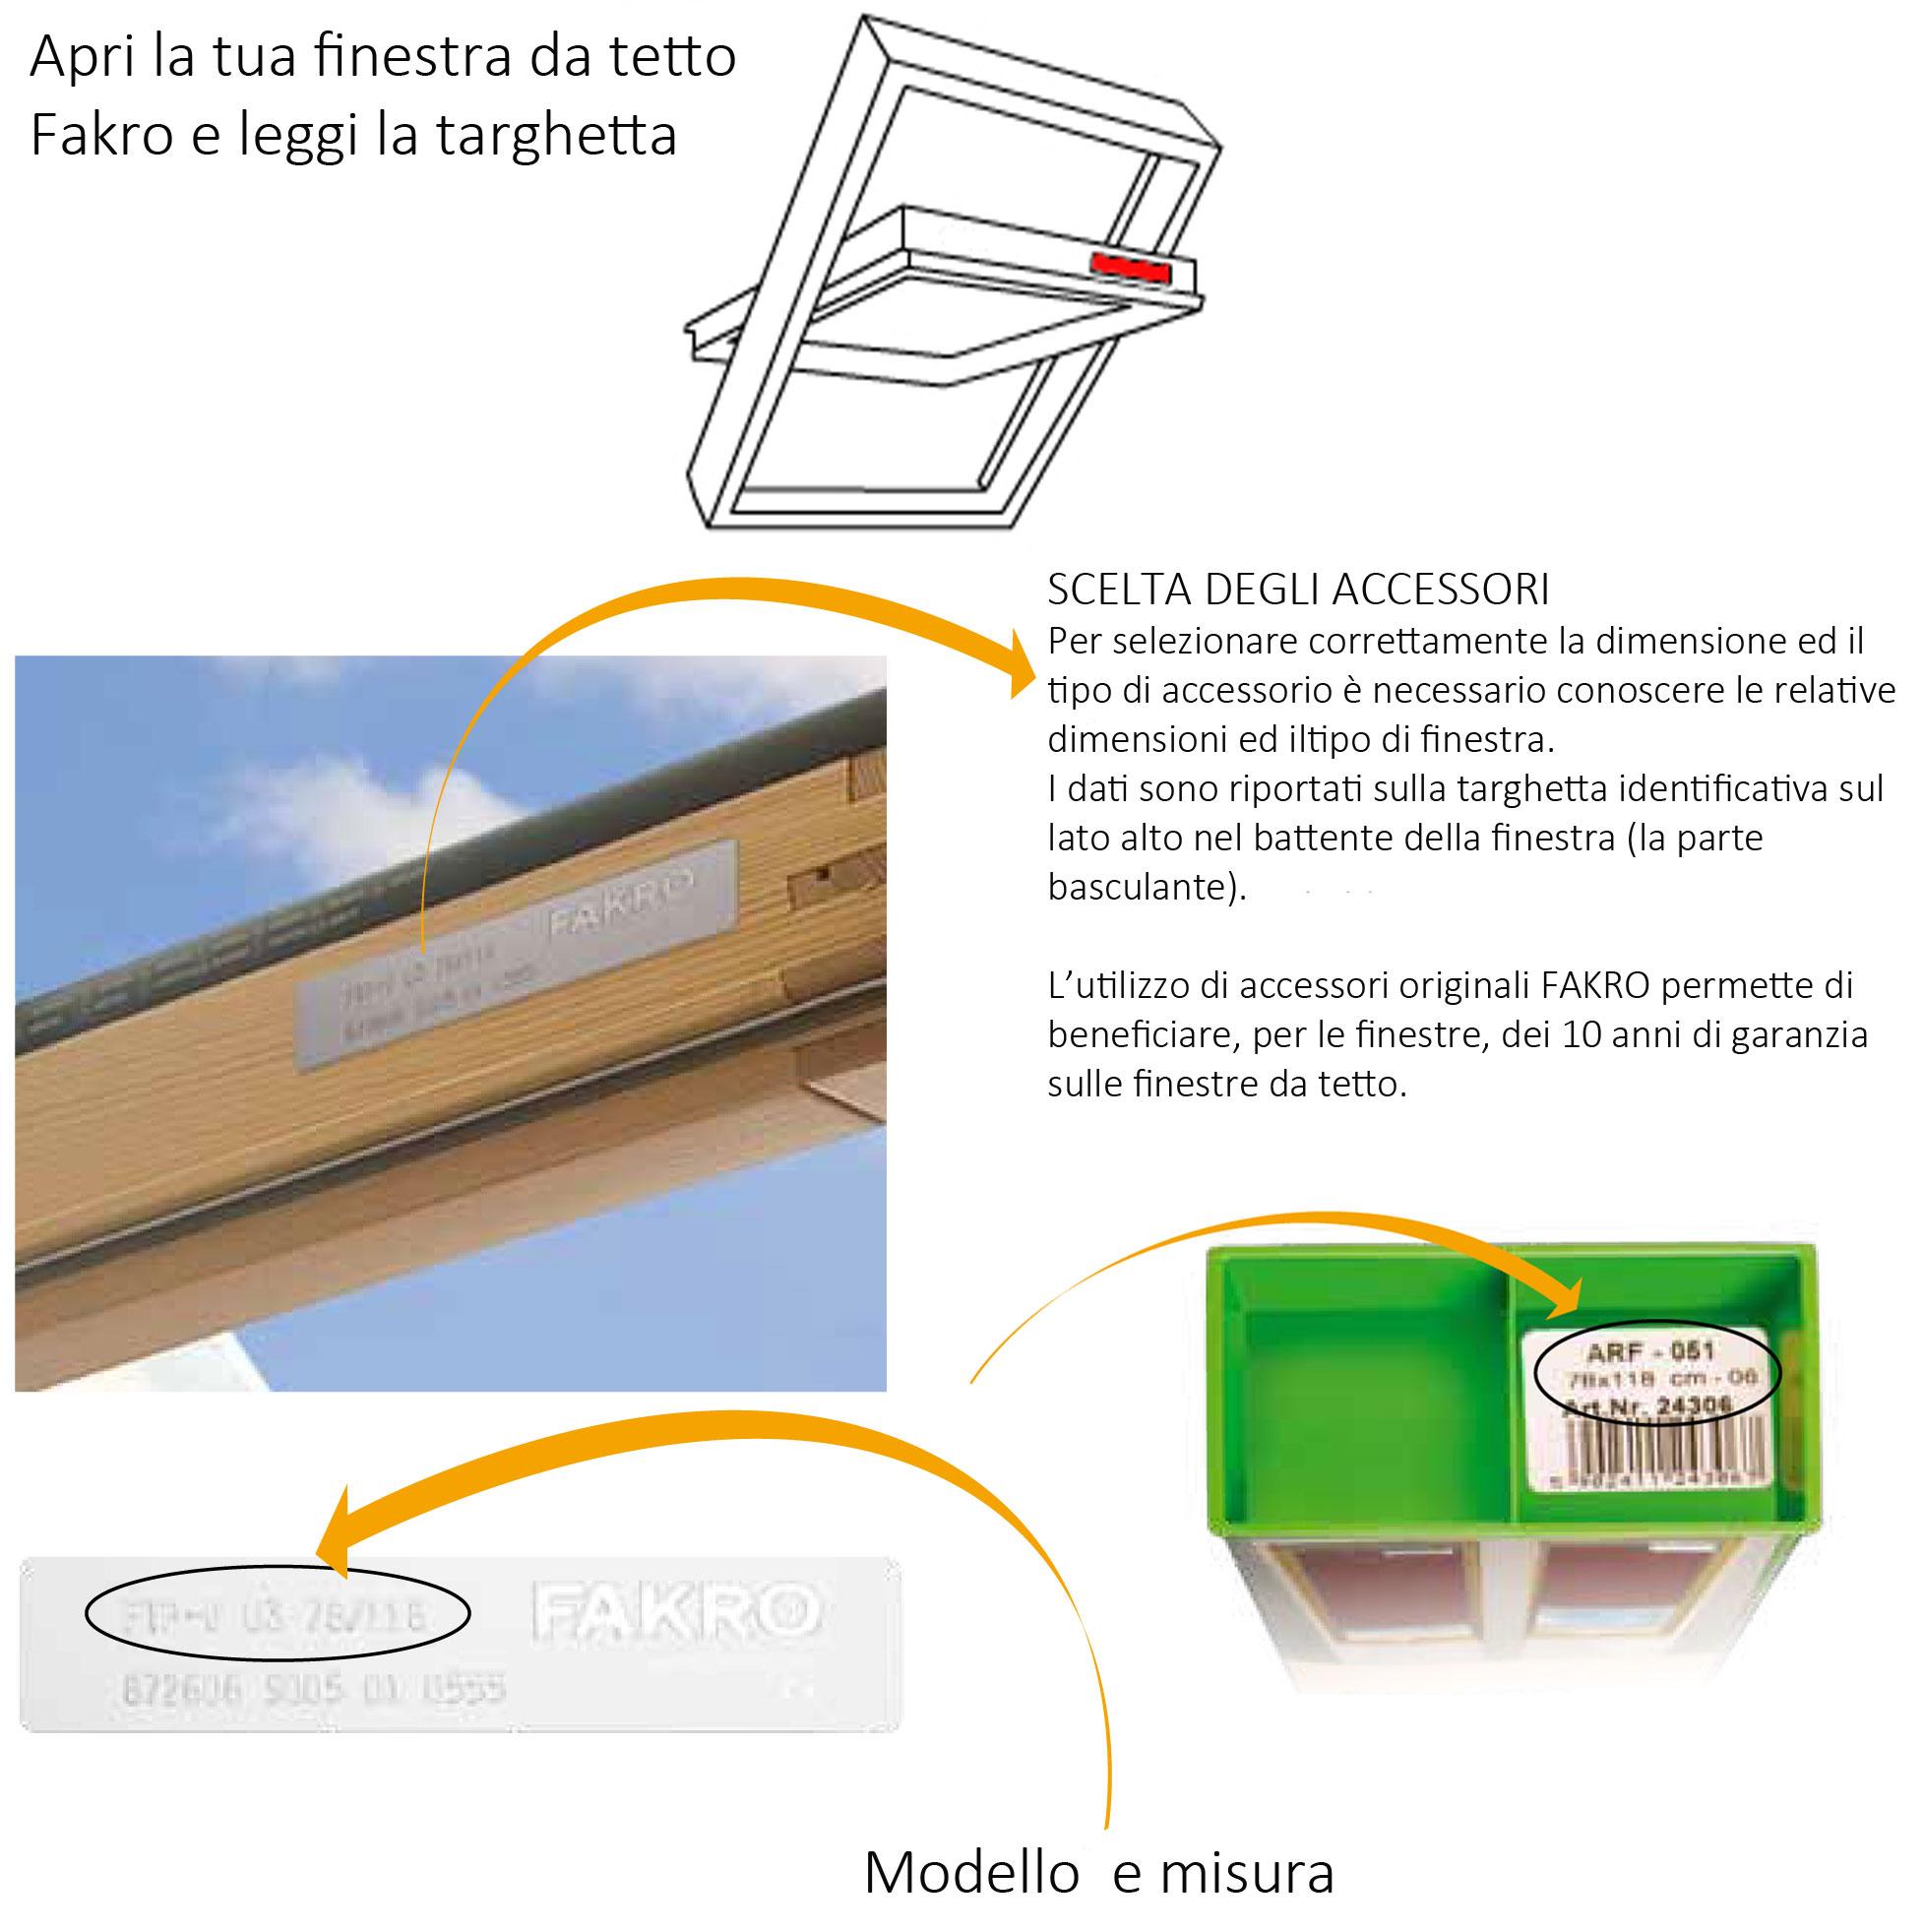 Zanzariera ams fakro vendita online accessori a prezzi di for Finestra da tetto